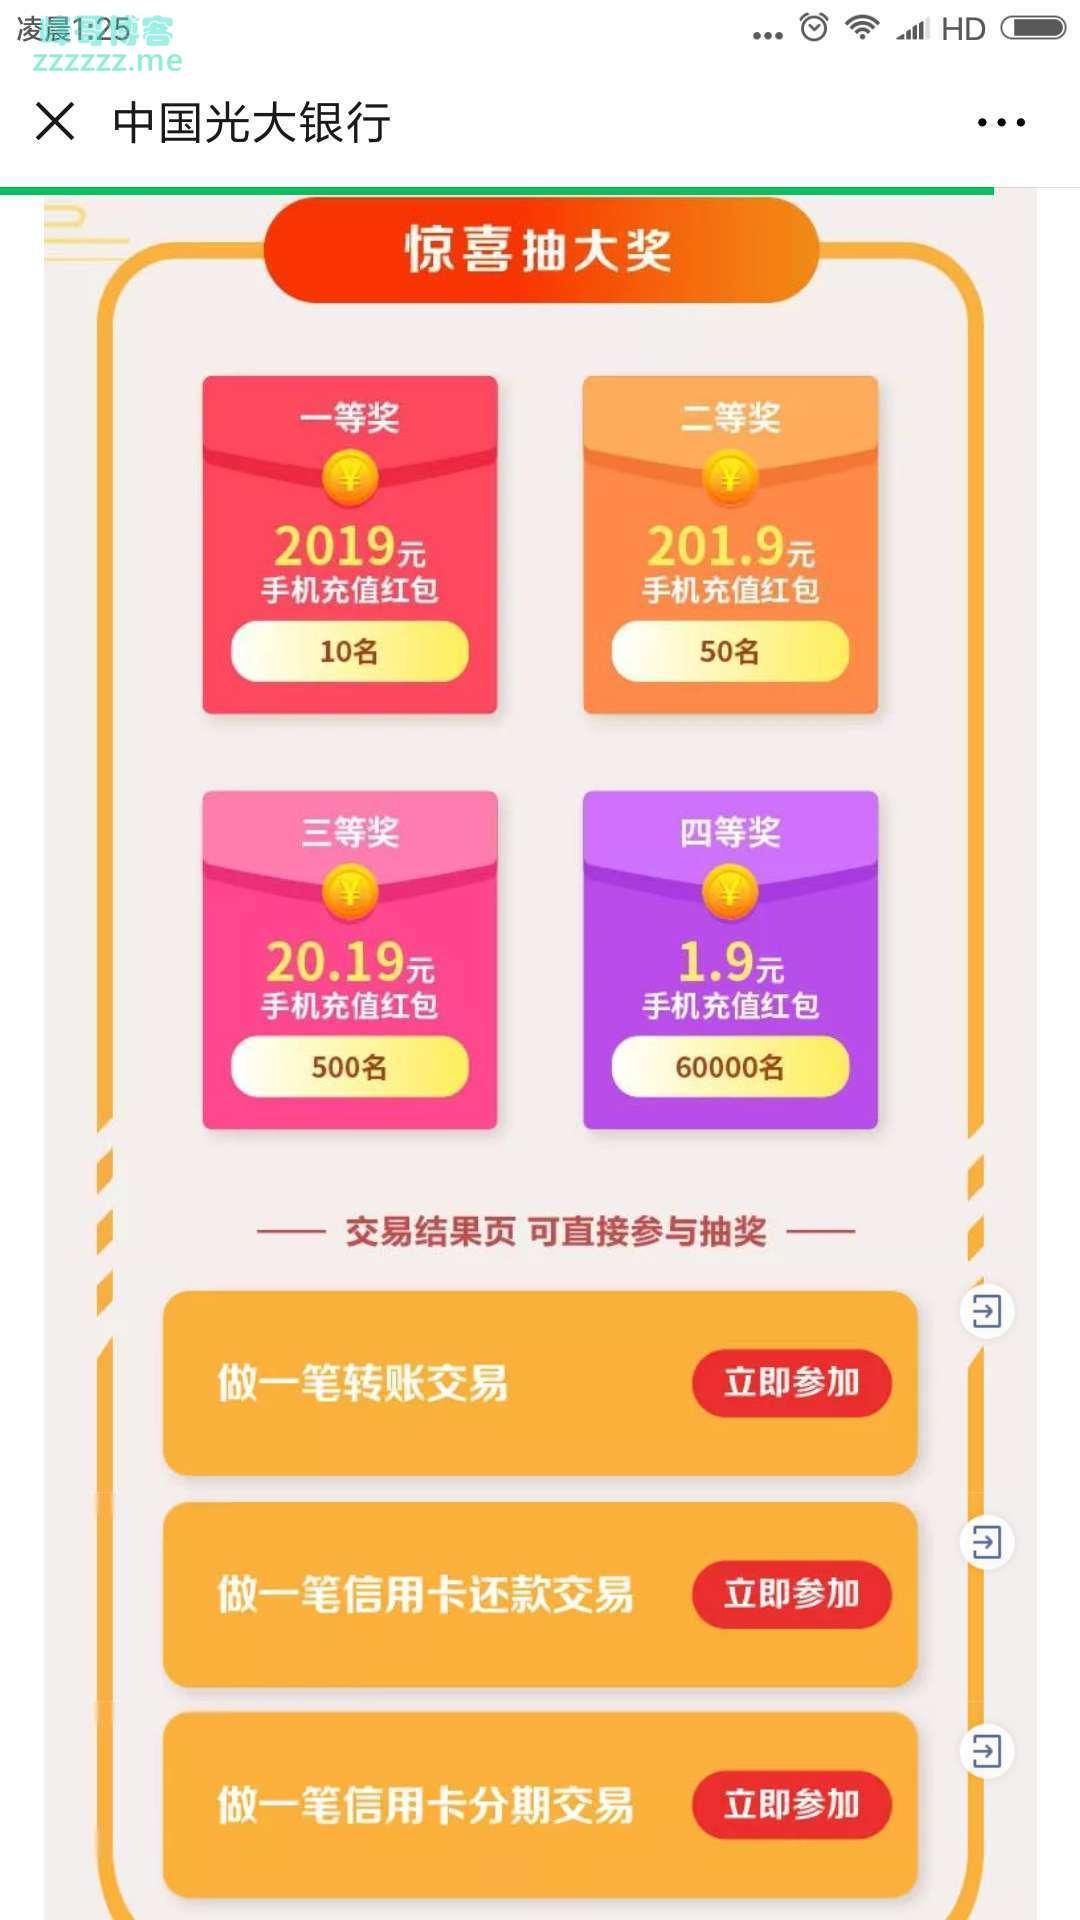 <中国光大银行>惊喜抽大奖 最高2019元红包(截止2月28日)